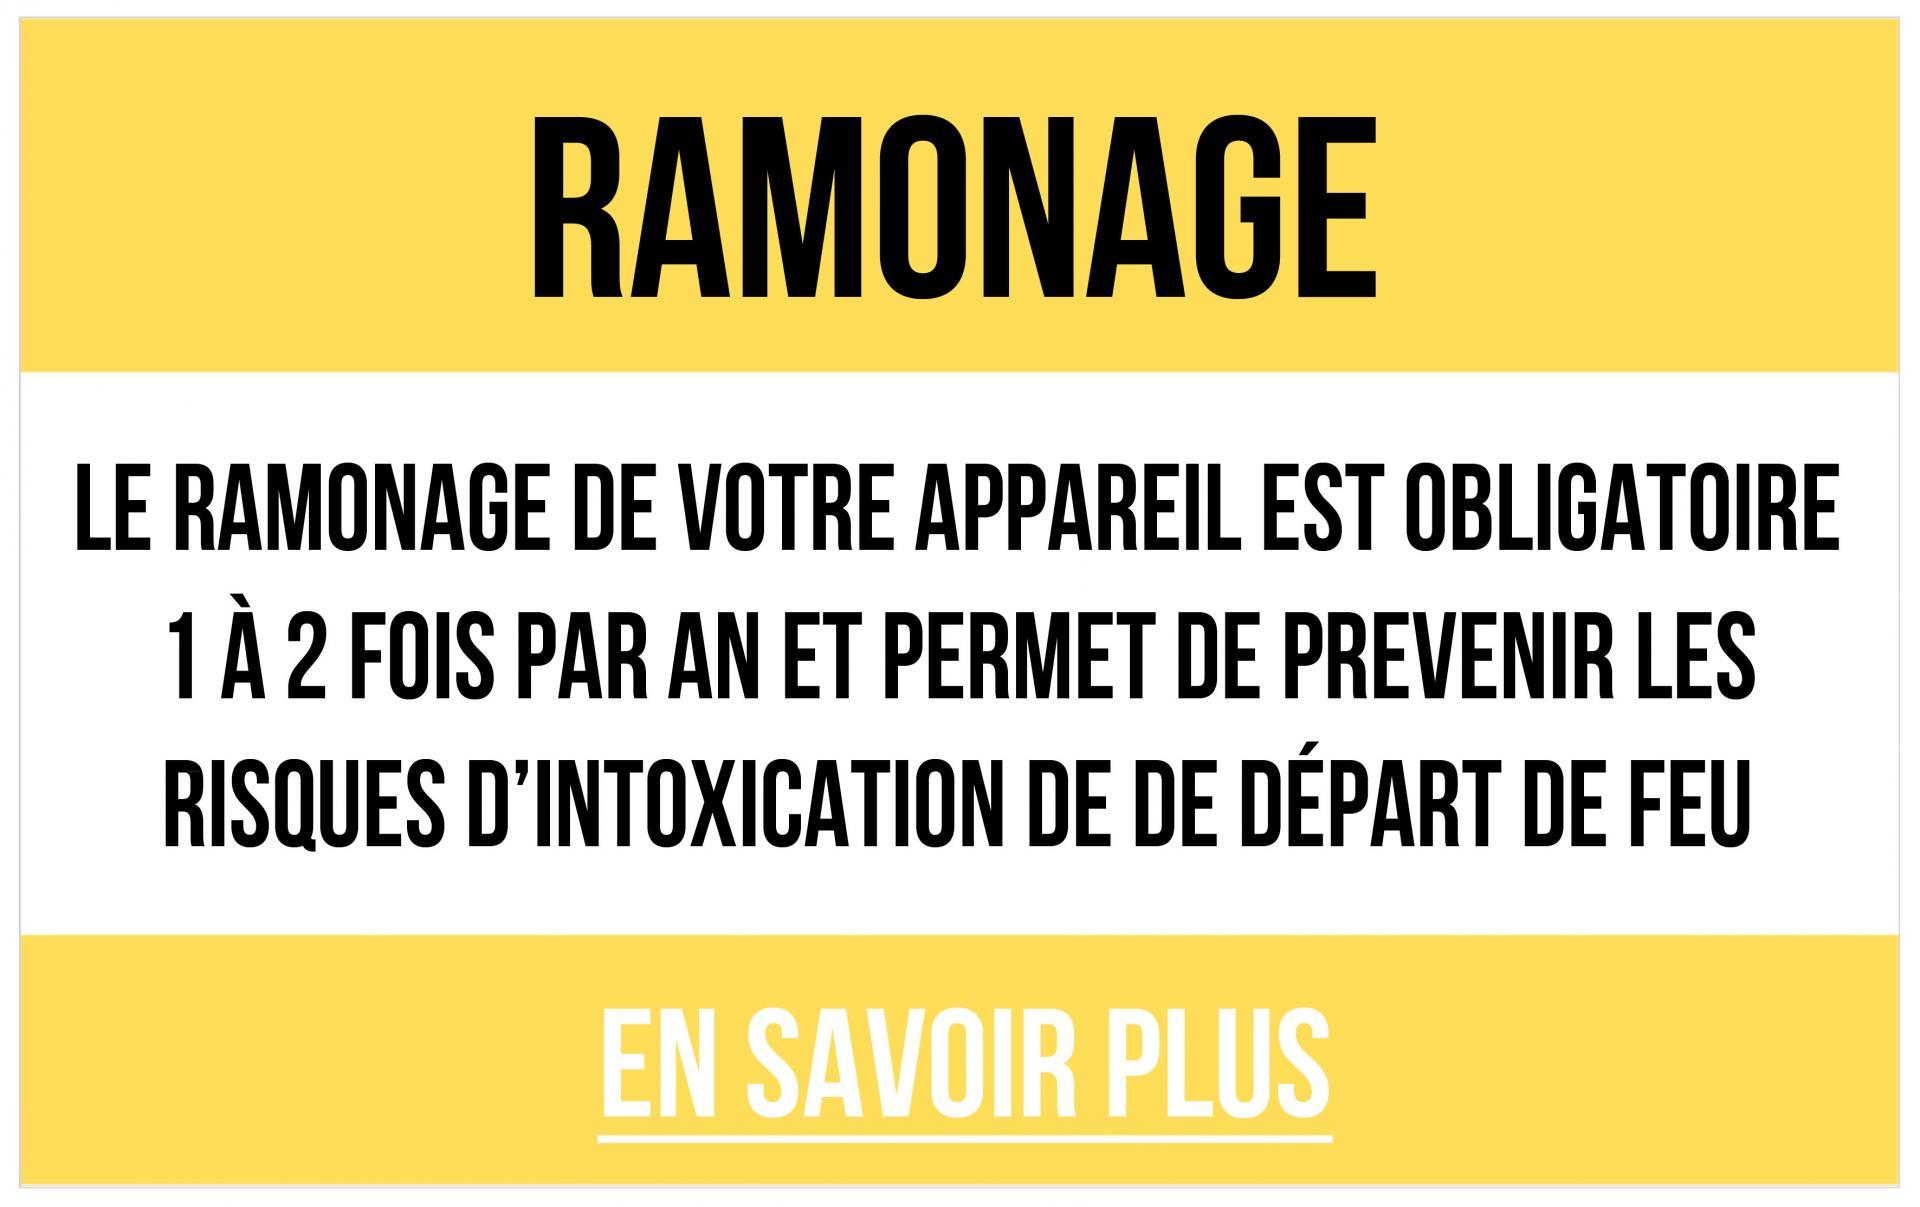 Ramonage 1